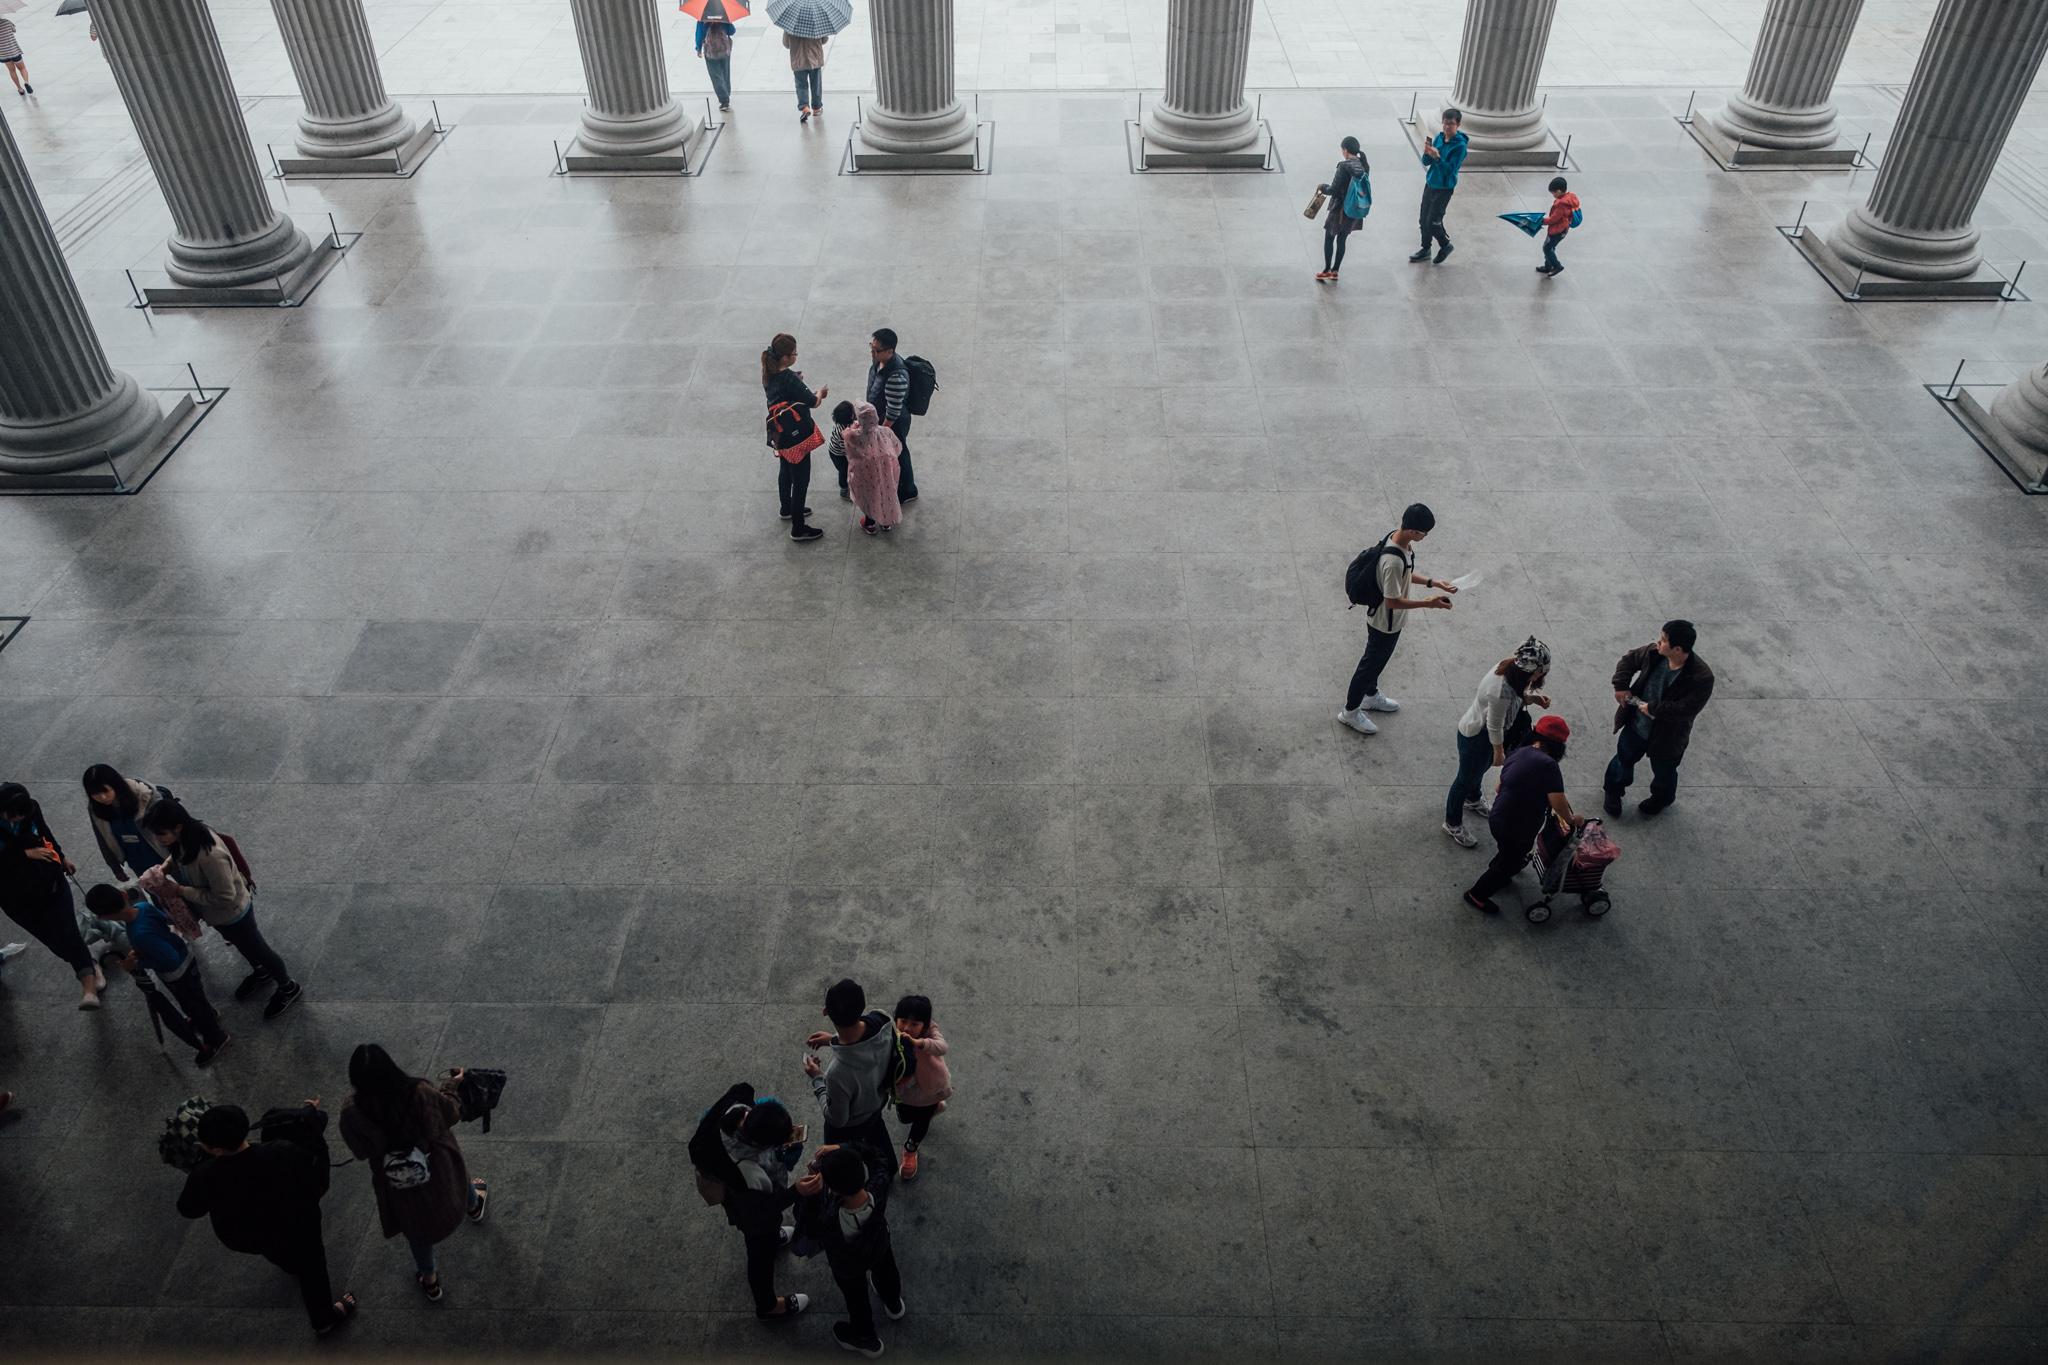 奇美博物館 – Outside of the lobby of Chimei Museum